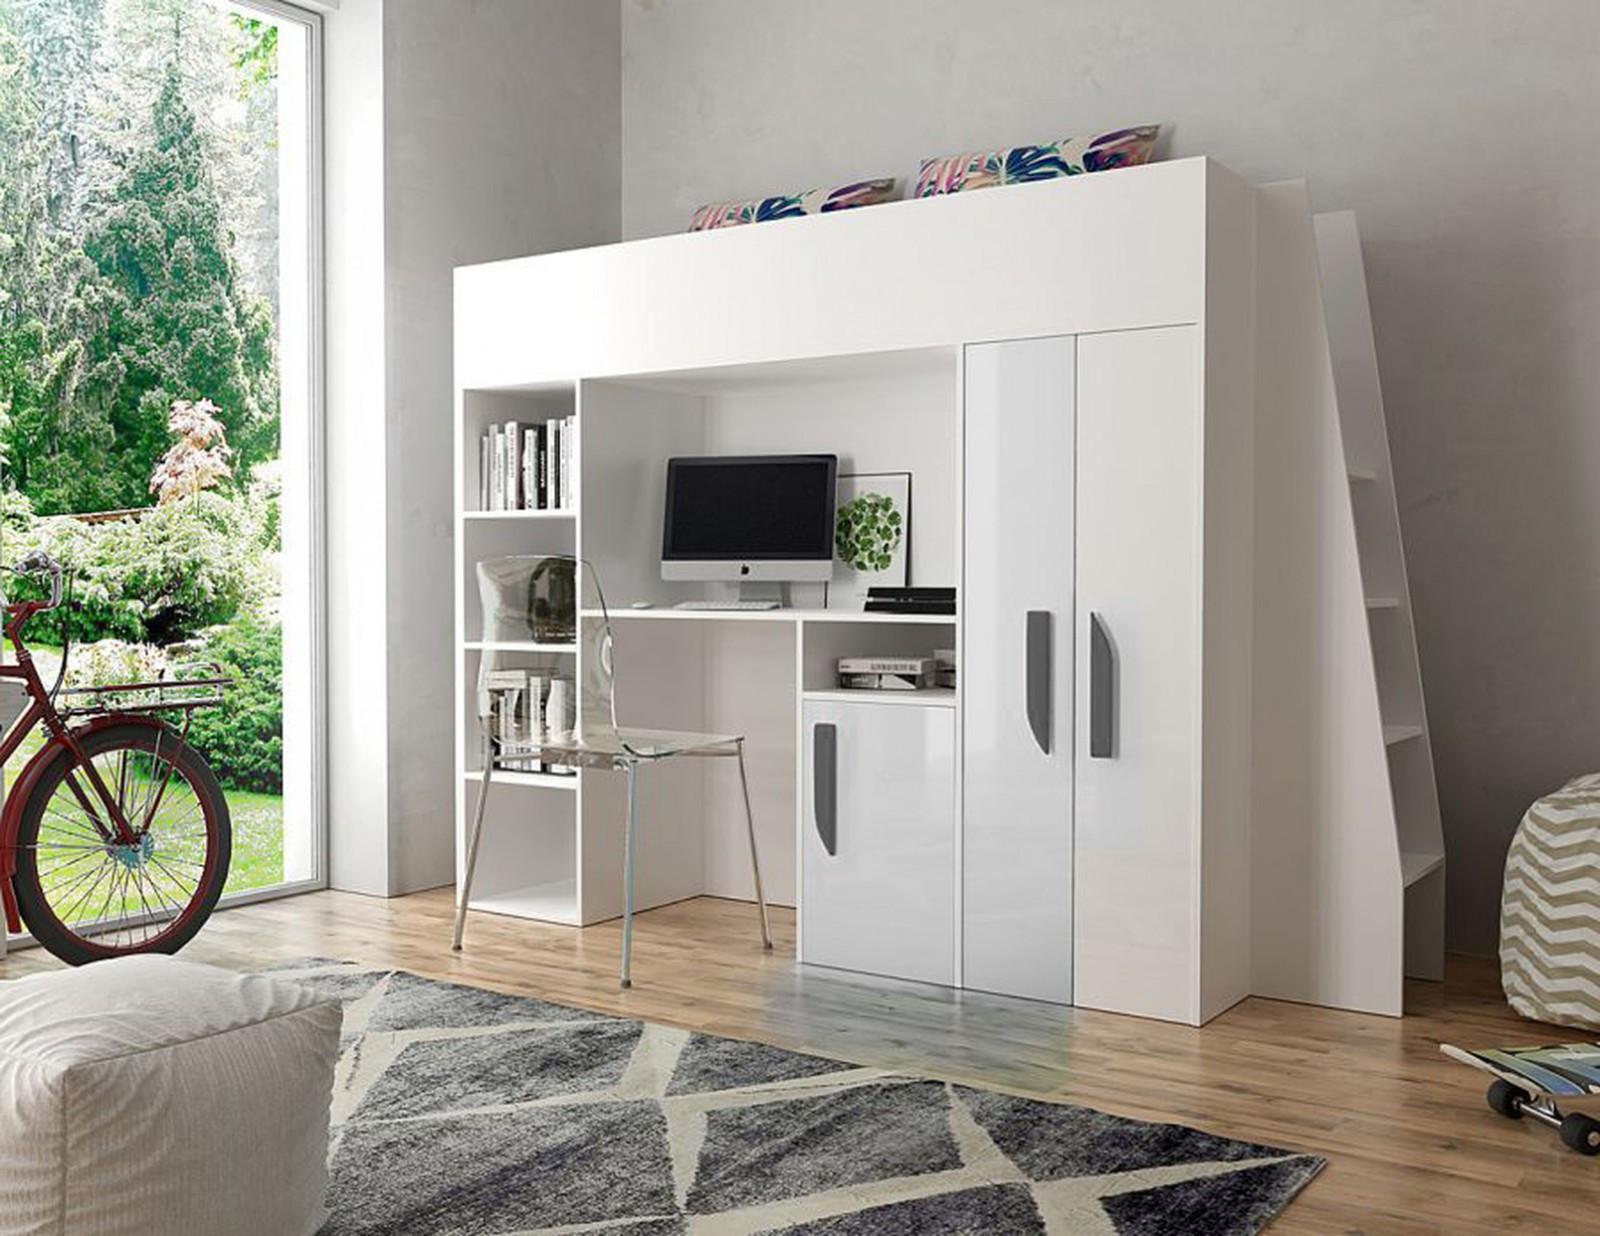 Kinderhochbett Mit Schreibtisch  Kinderhochbett mit Schreibtisch DELTA